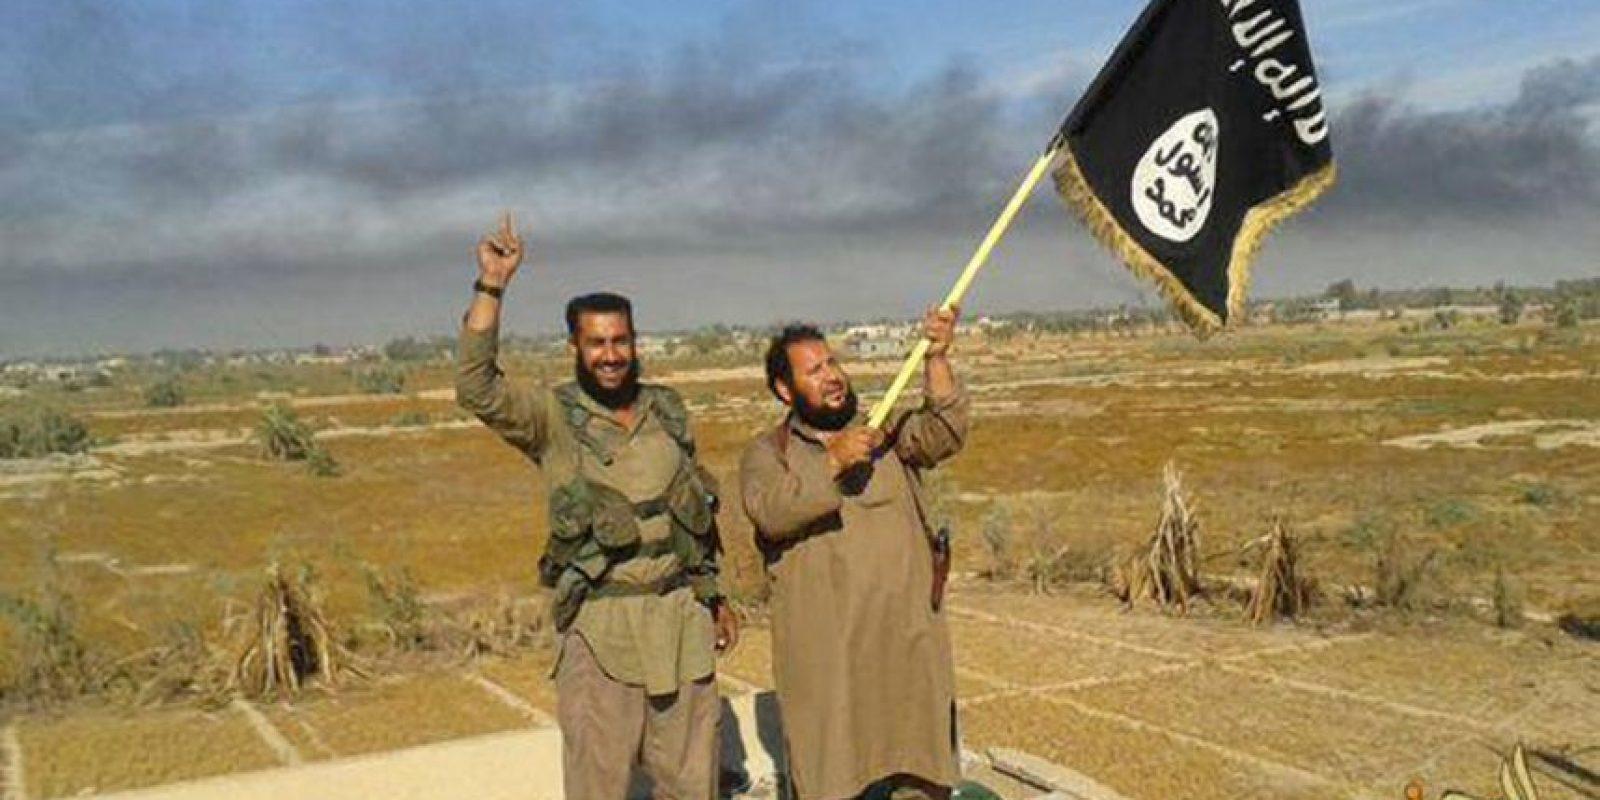 De la encuesta nacional realizada a dos mil personas se desprende que alrededor de un seis de cada diez estadounidenses (63%) aprueban la campaña militar de Estados Unidos contra los militantes islámicos en Irak y Siria. Foto:AP